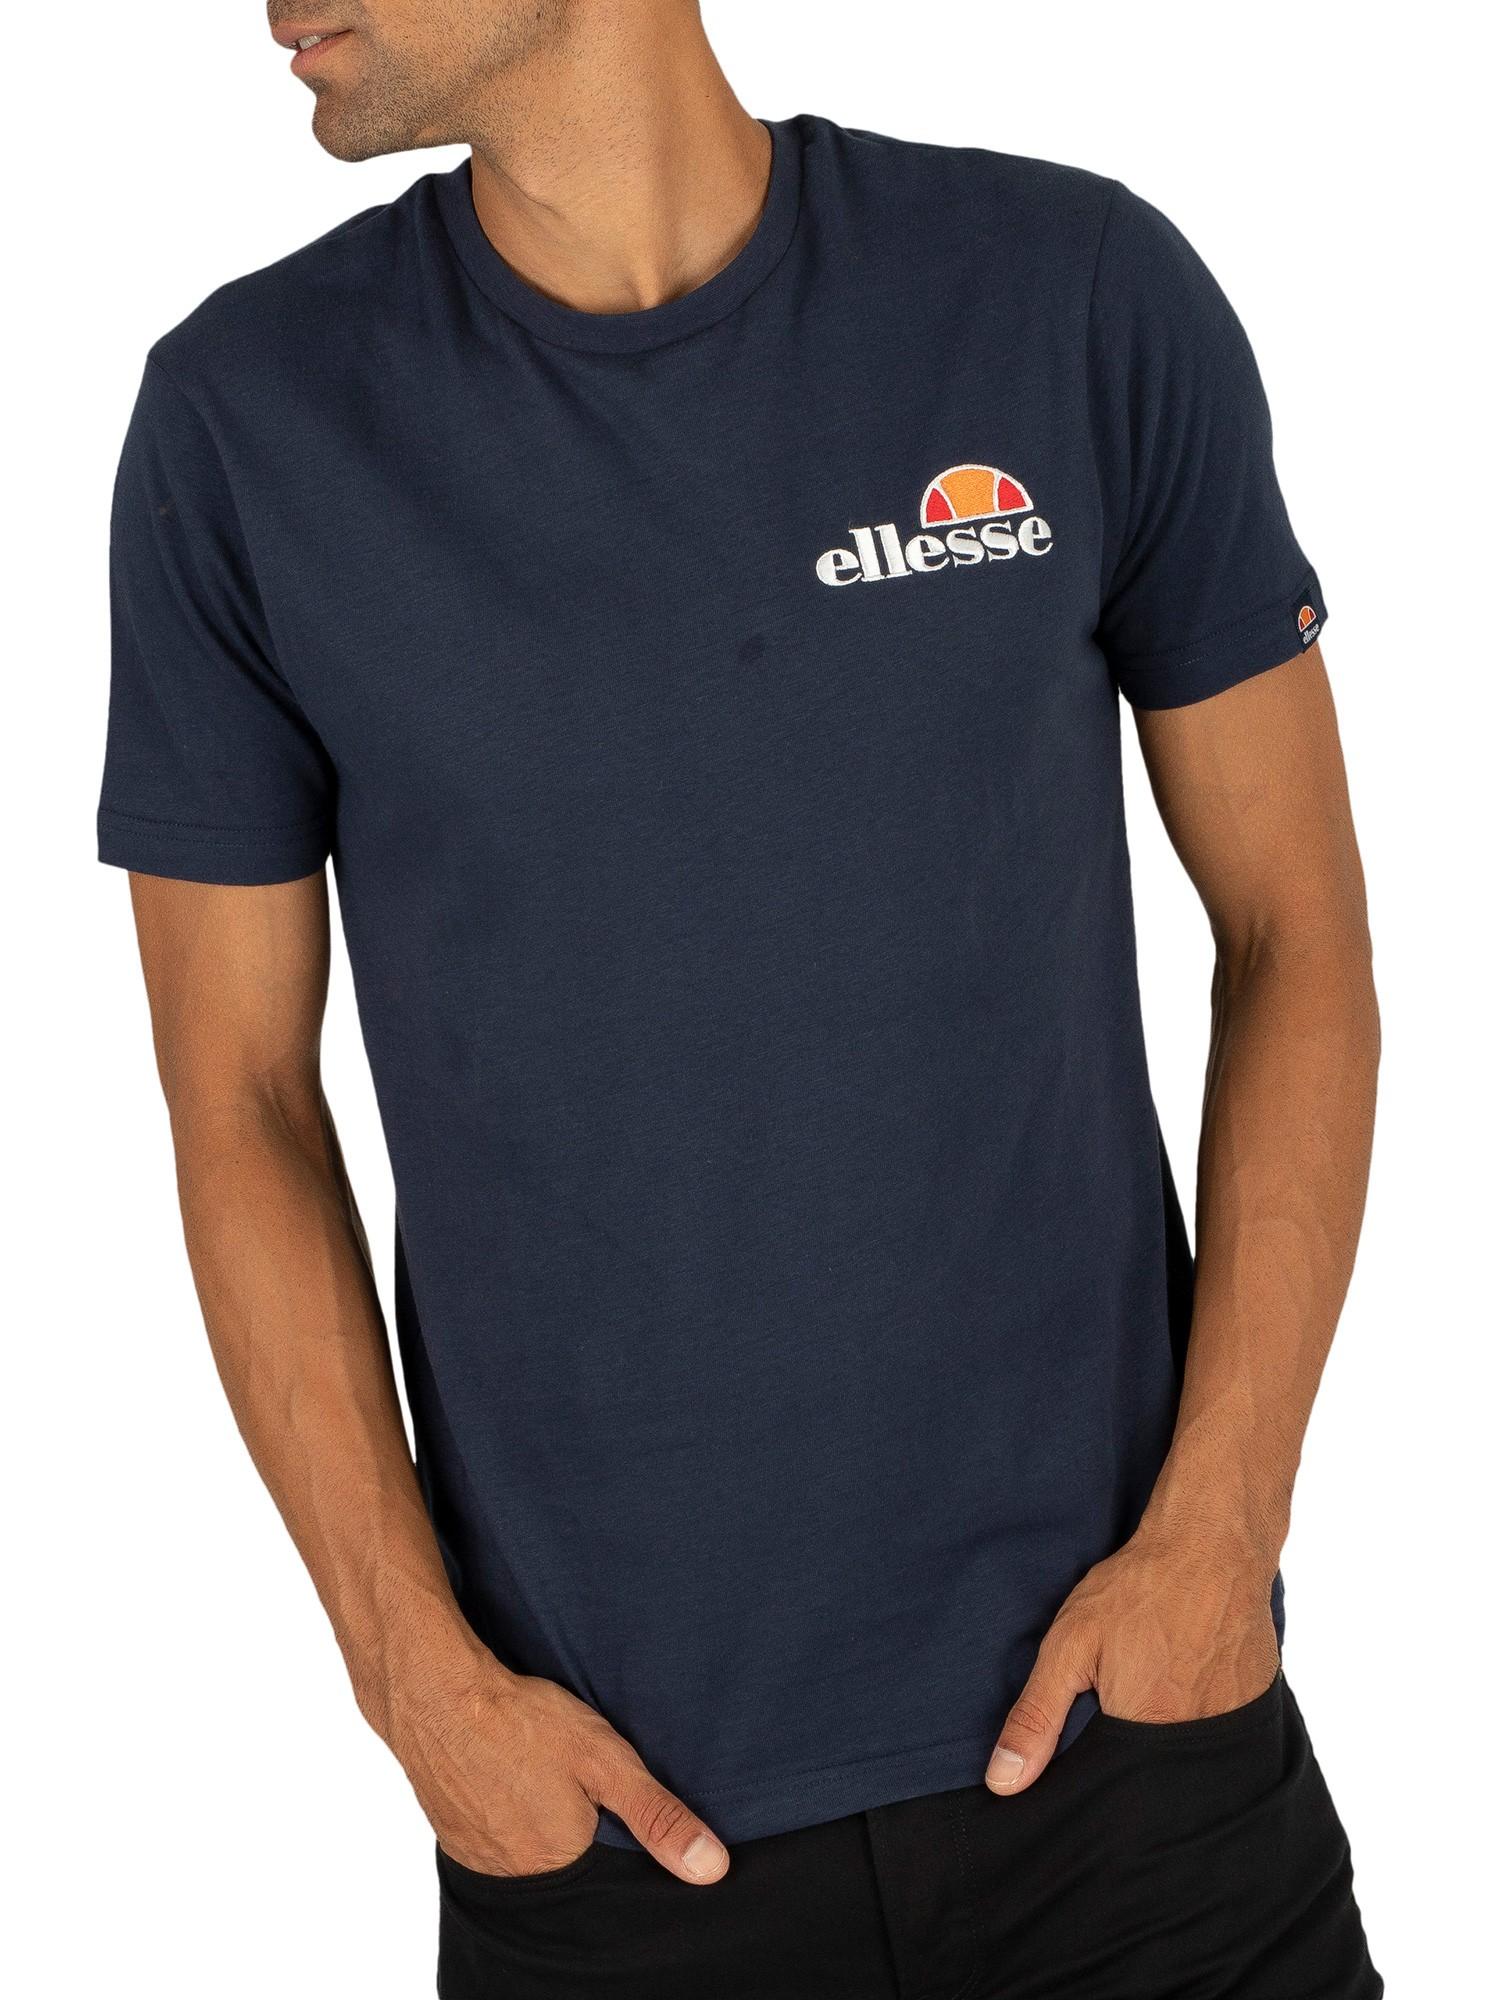 Ellesse Voodoo Navy T-shirt en coton